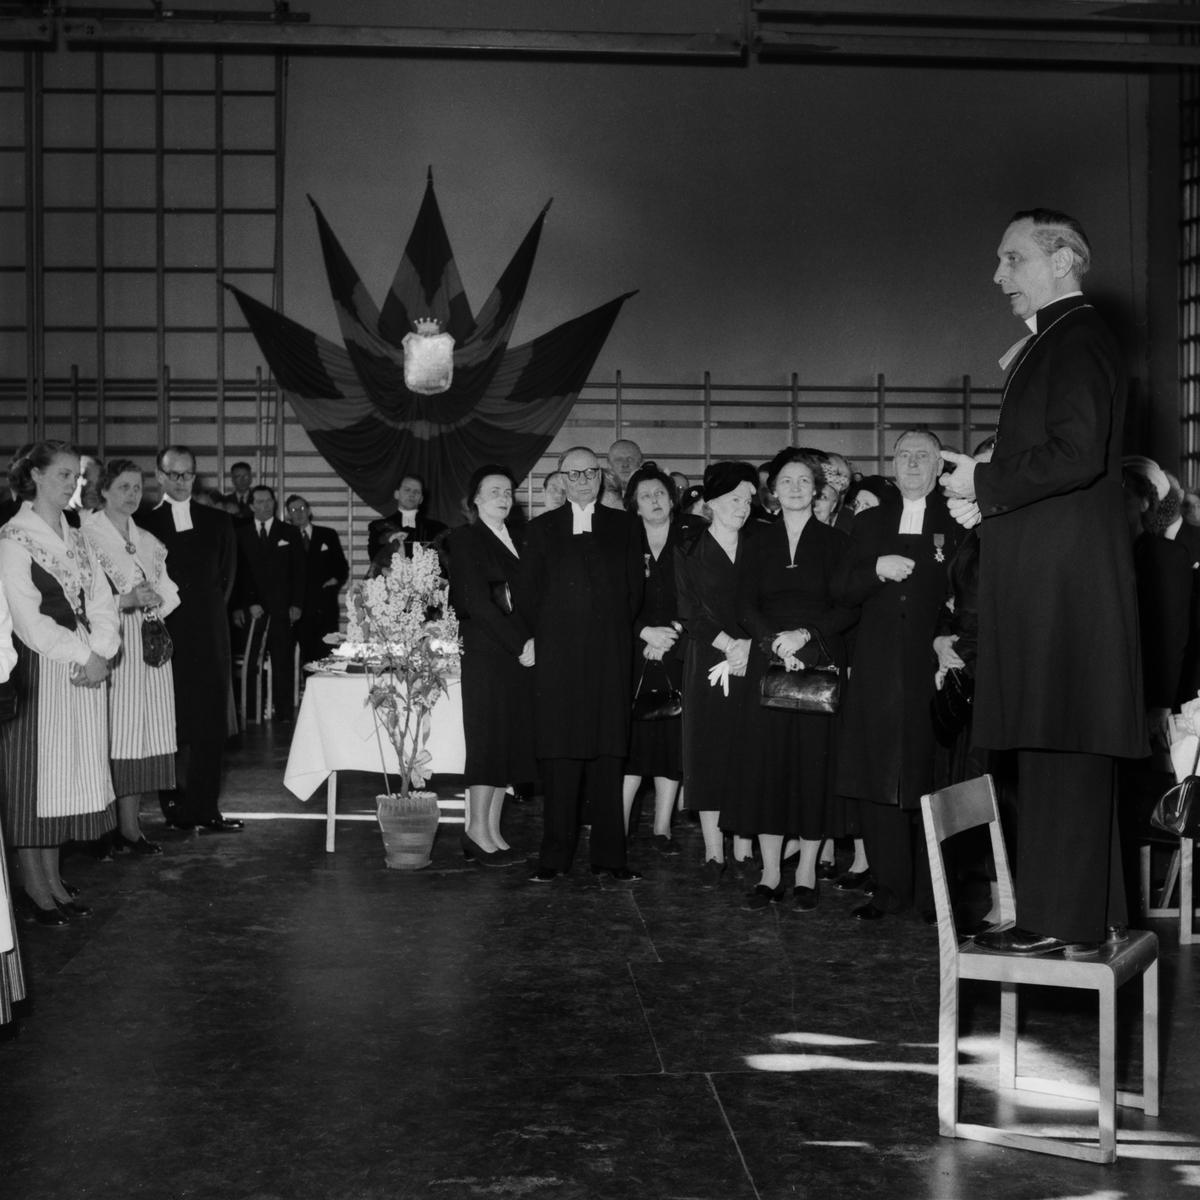 Biskop Torsten Ysander mottager Stiftets 60-årsgåva den 10/3 1953.  Bil. Fordon. Födelsedag. Biskop. Gåva. Firande. Stift.